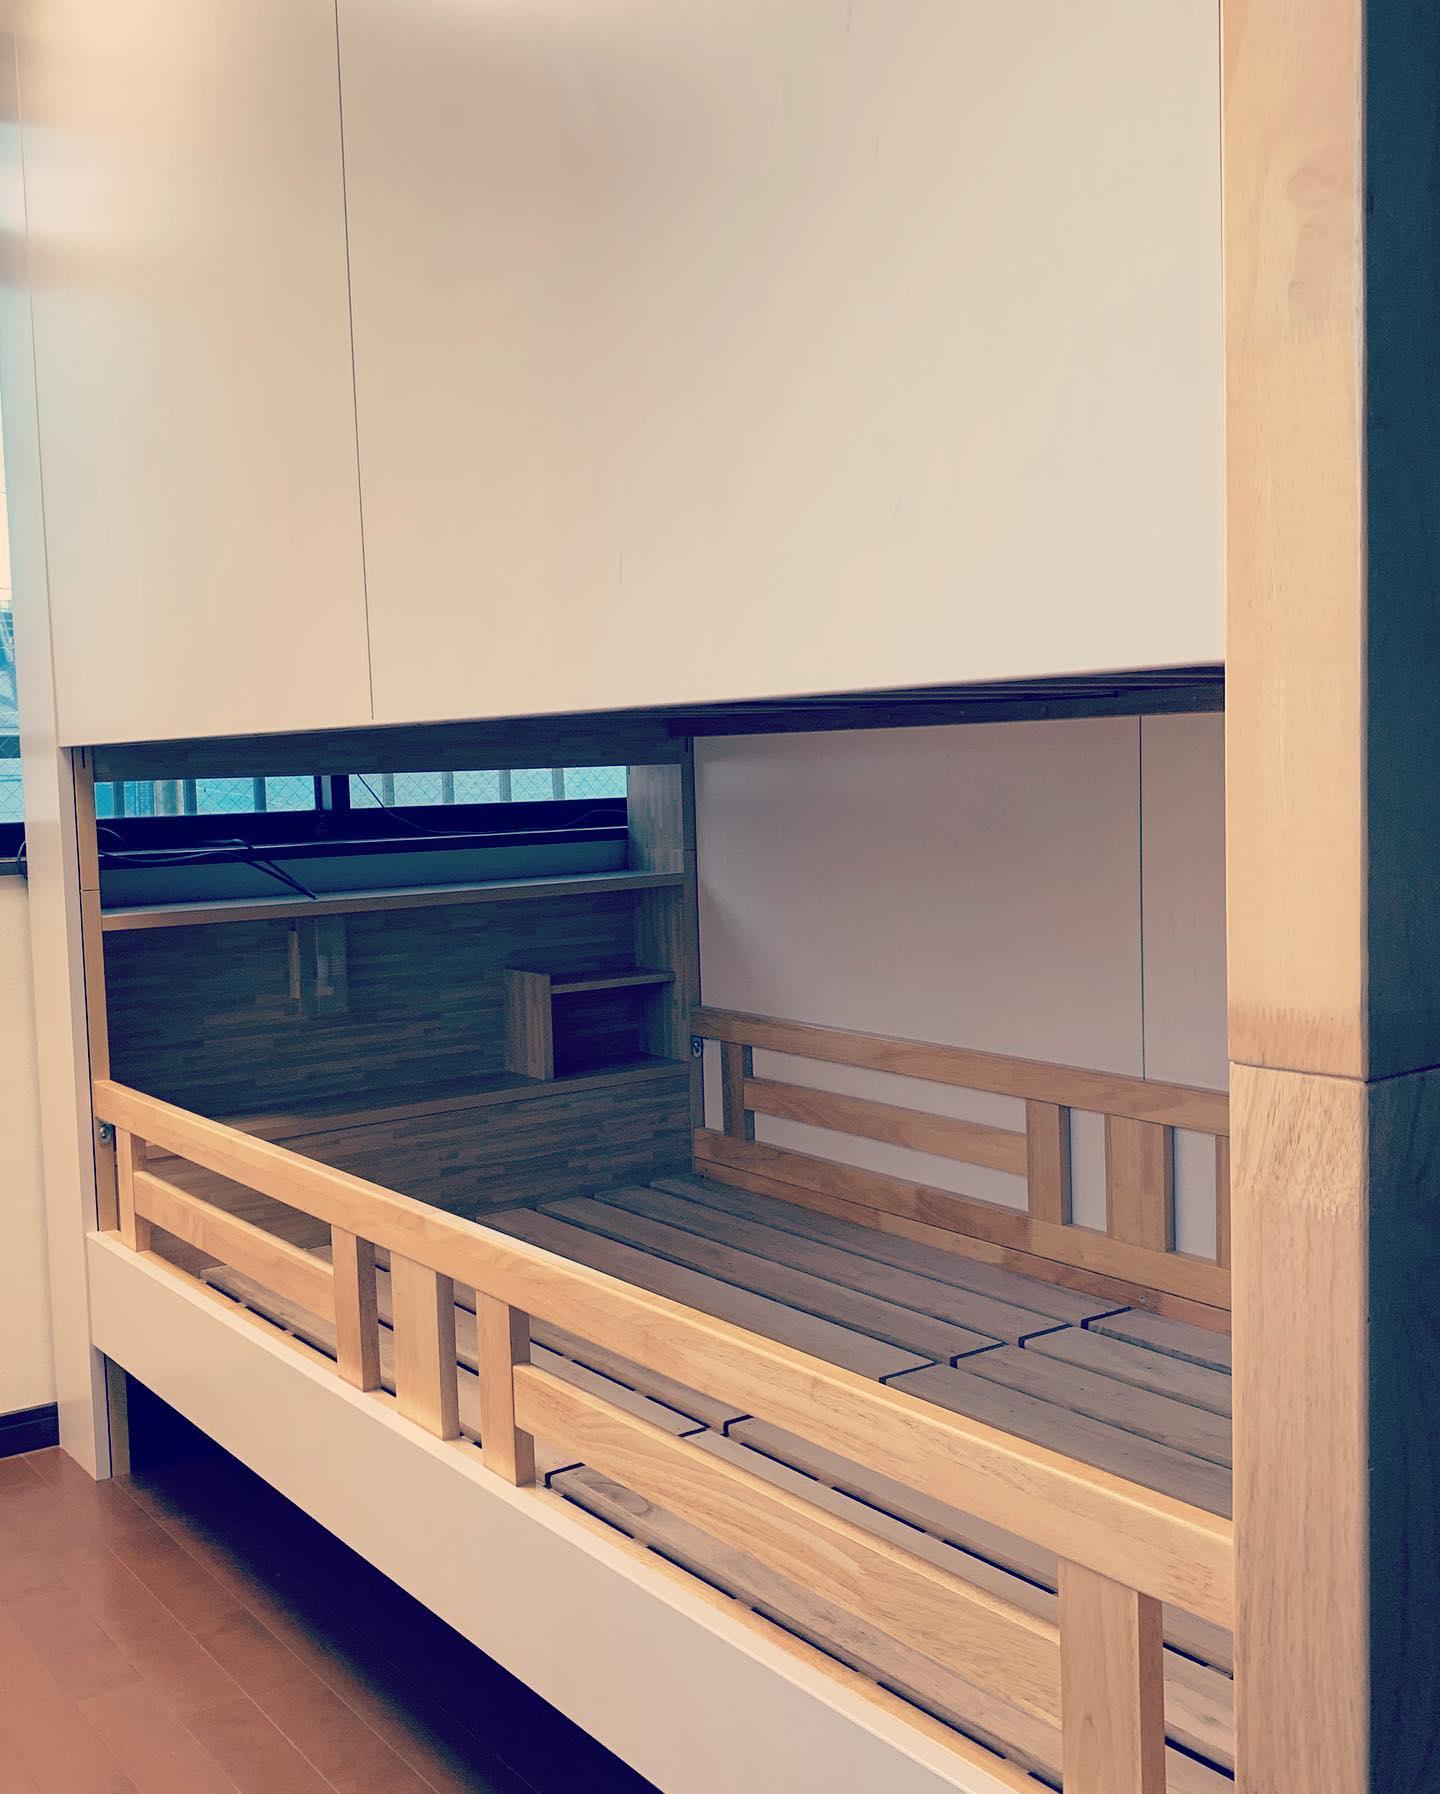 一つの部屋をシェアしていた姉妹のための間仕切り兼二段ベッド。エコとコストダウンを兼ねて、既存のベッドにパネルを張り、間仕切りしました。古いものを利用し新しい機能を加えるという試みです。#アトリエシーユー #タイニーハウス #2段ベッド #リノベーション #リユース